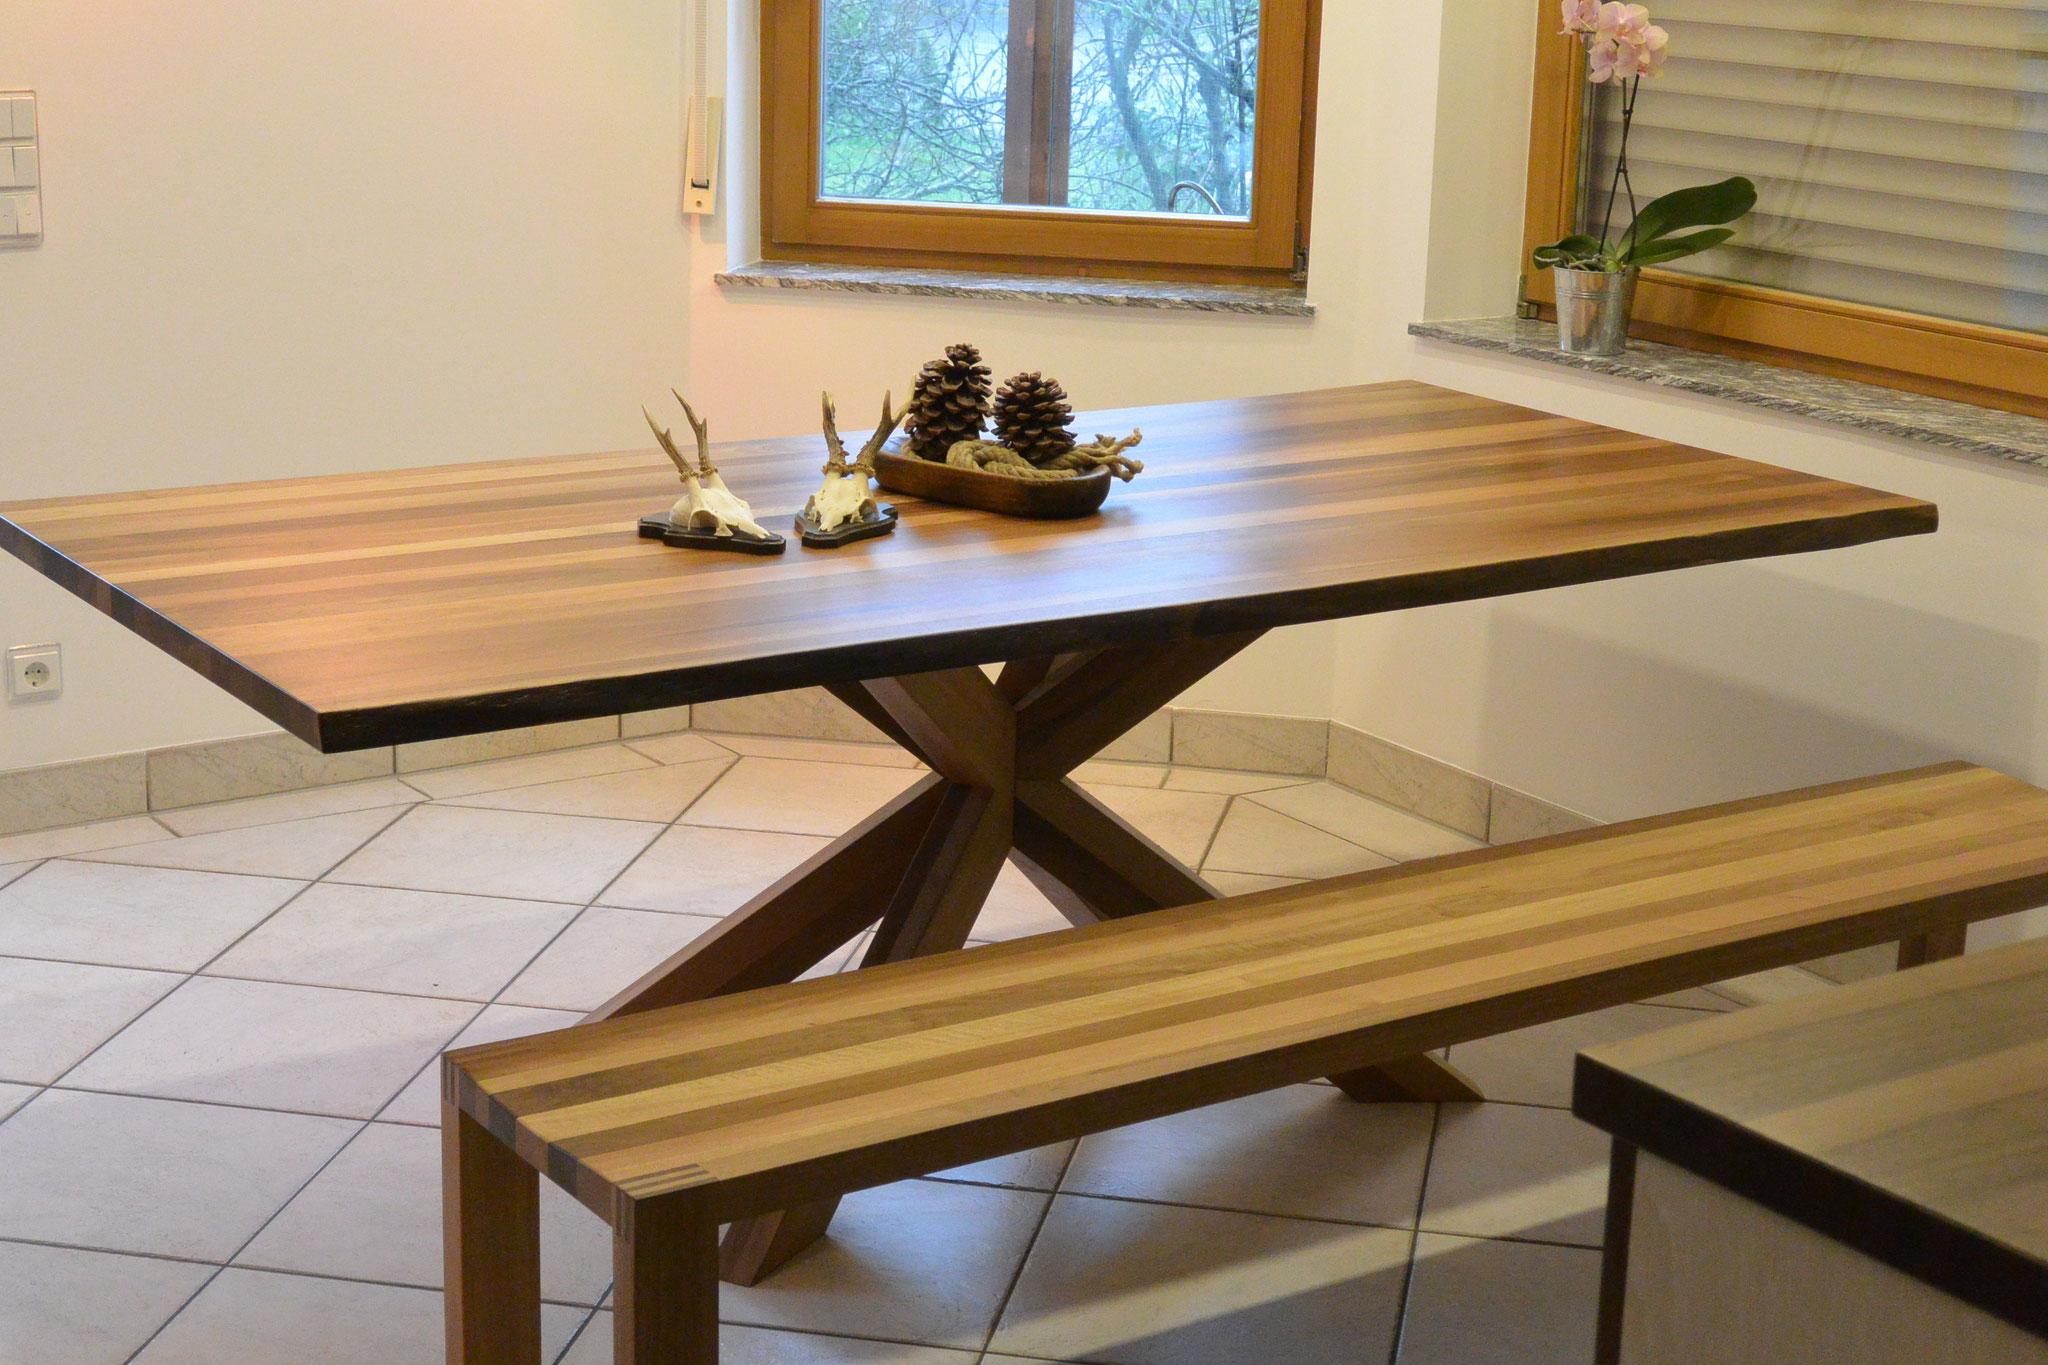 Esszimmer - Möbelbau nach Maß - Holzdesign Rapp Geisingen